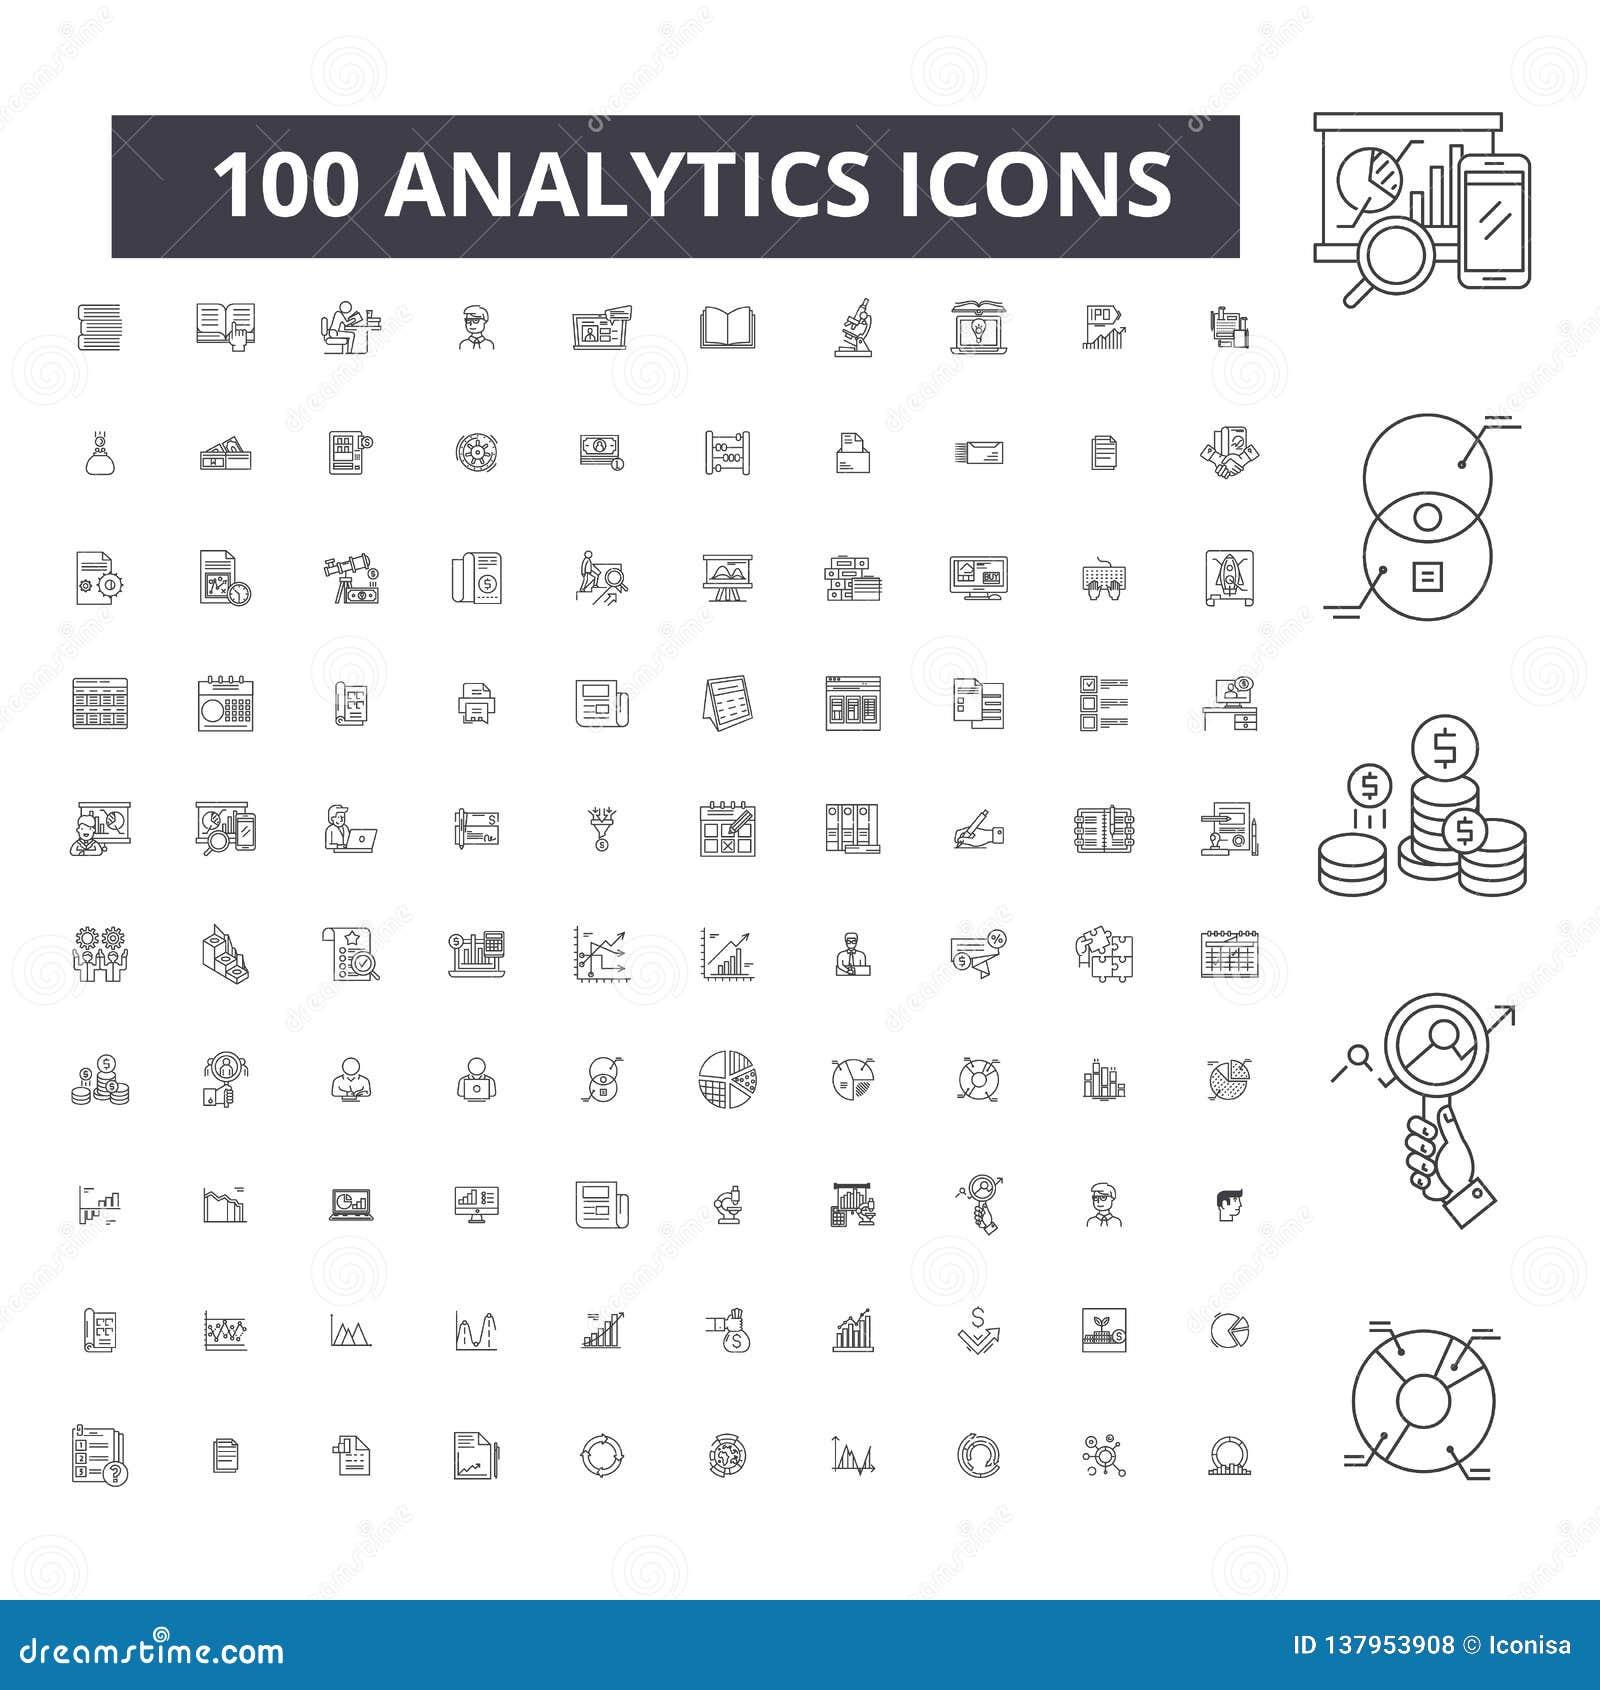 Editable Linie Ikonen, Satz mit 100 Vektoren, Sammlung des Analytics Analyticsschwarz-Entwurfsillustrationen, Zeichen, Symbole